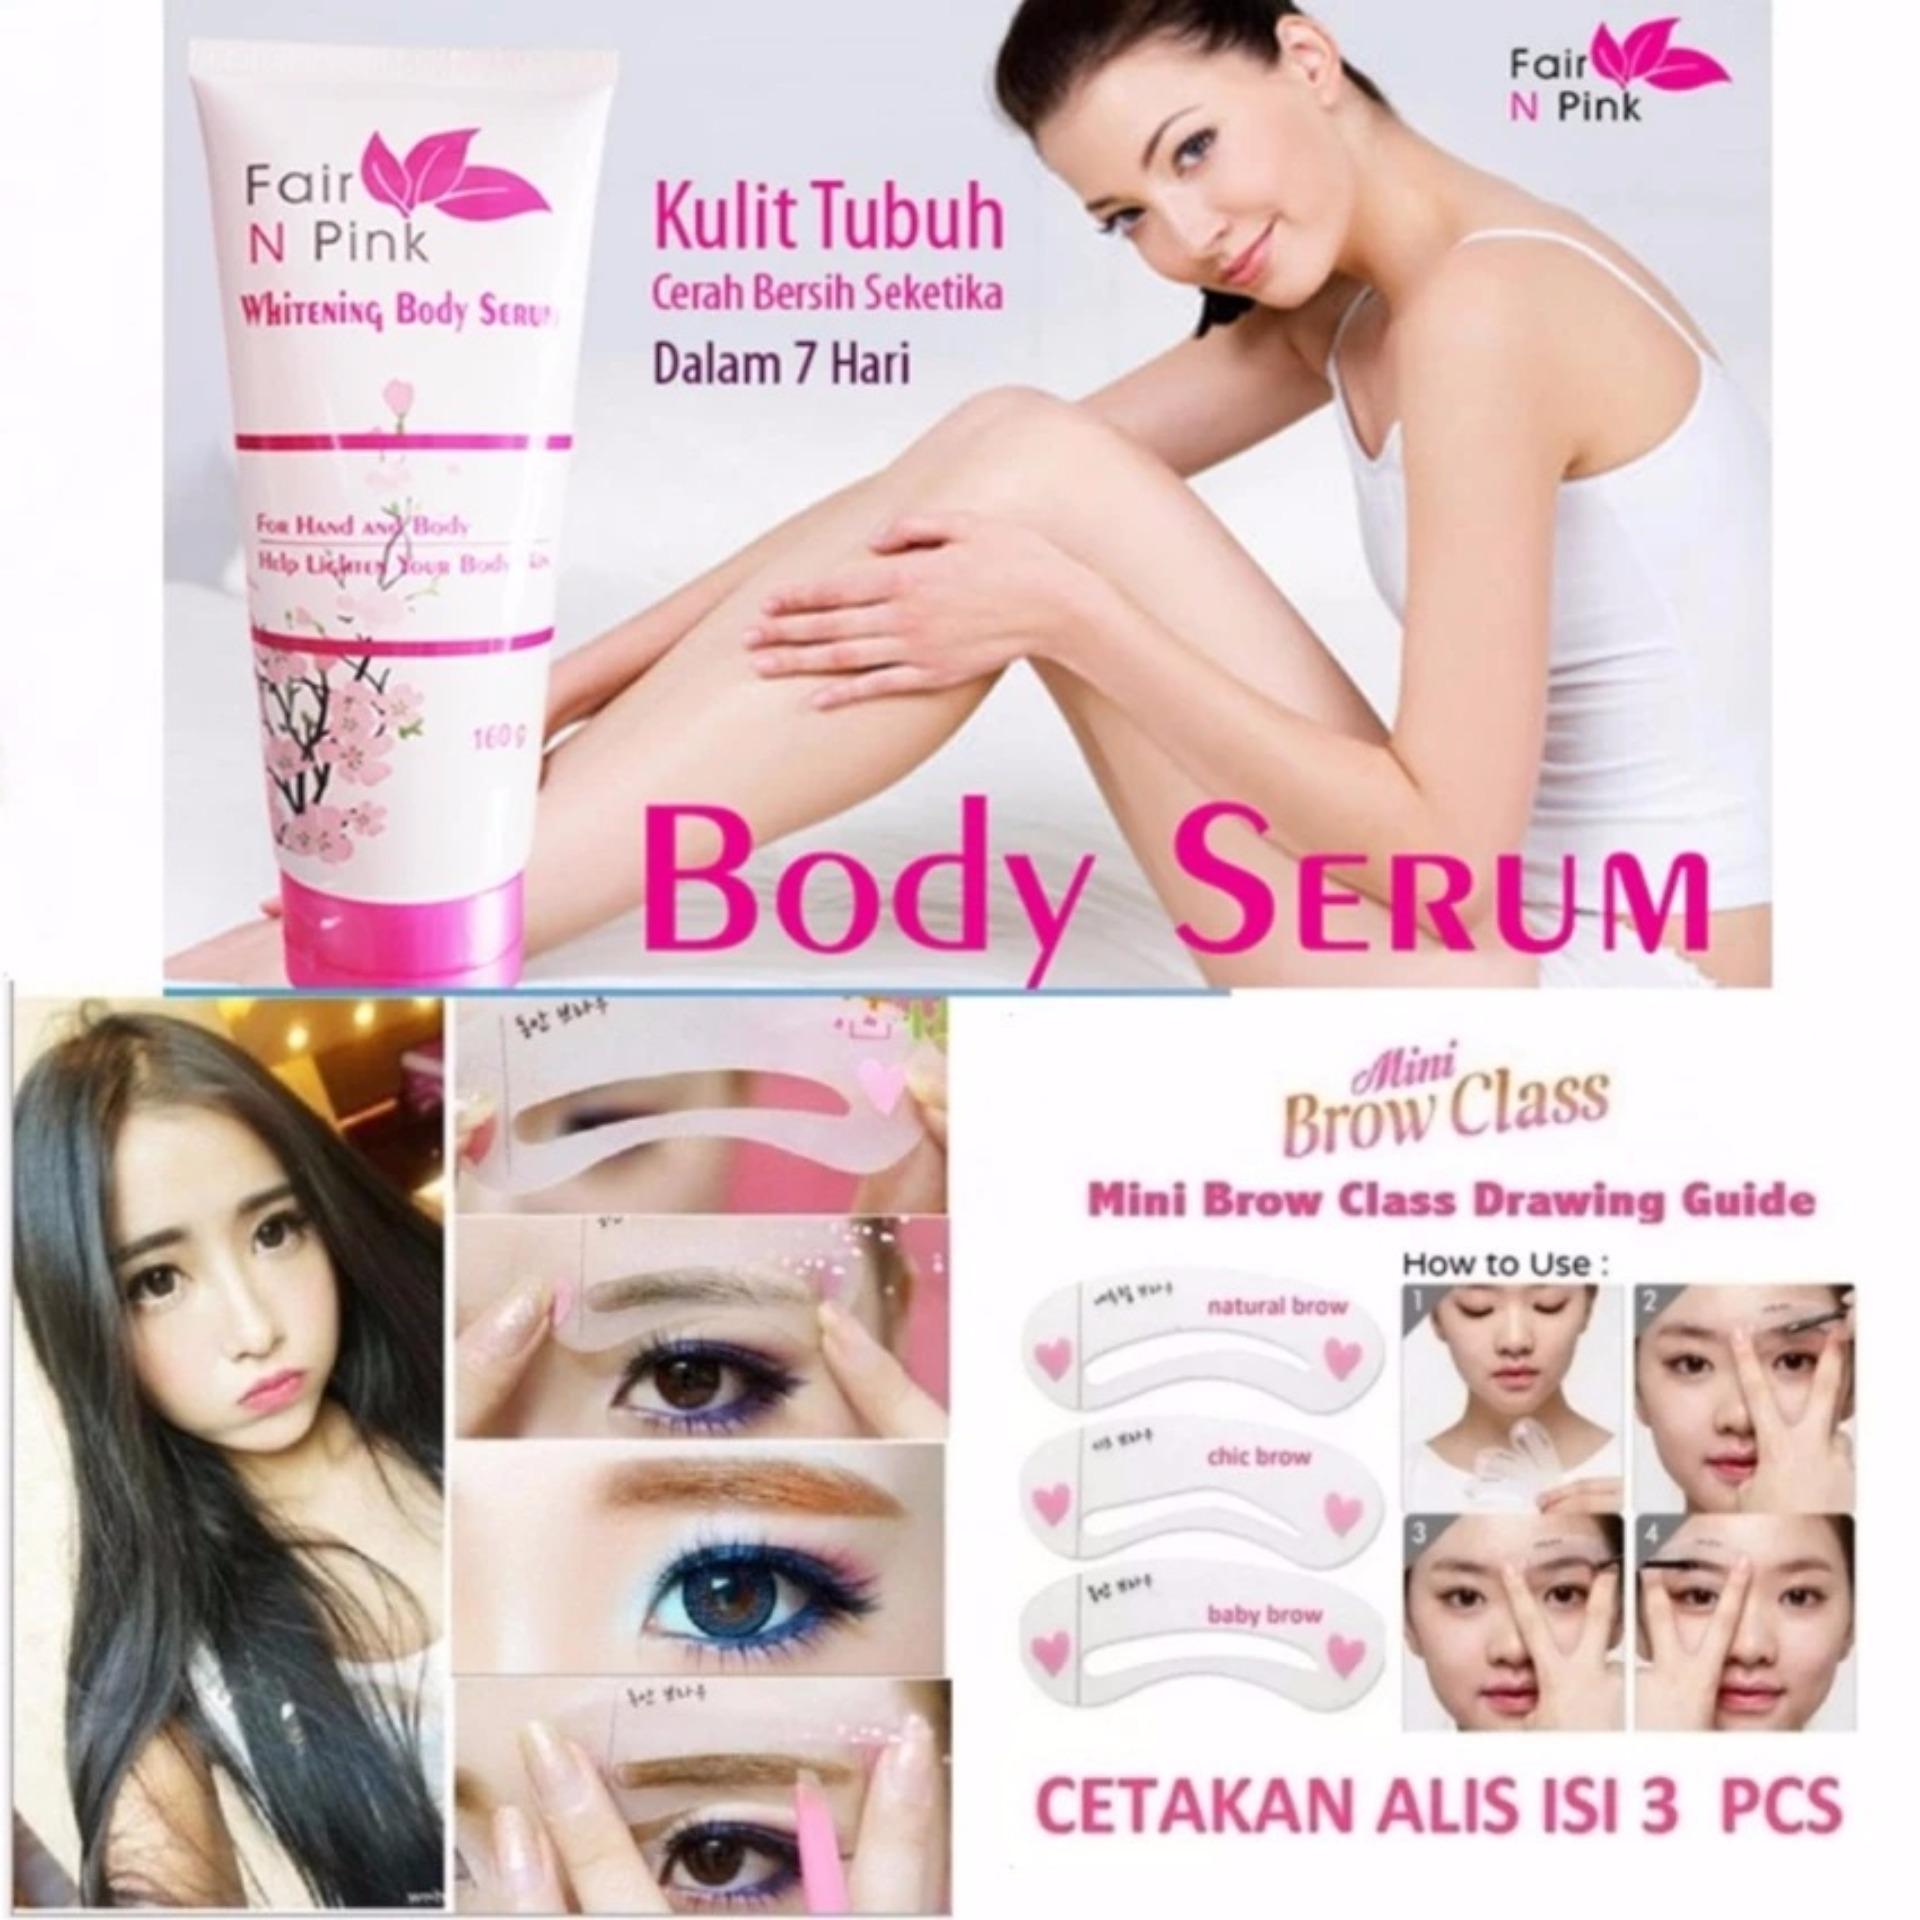 Perbandingan Harga Fair N Pink Body Serum Original Bpom Mini Whitening 160ml Pemutih Badan Cetakan Alis Brow Class Putih